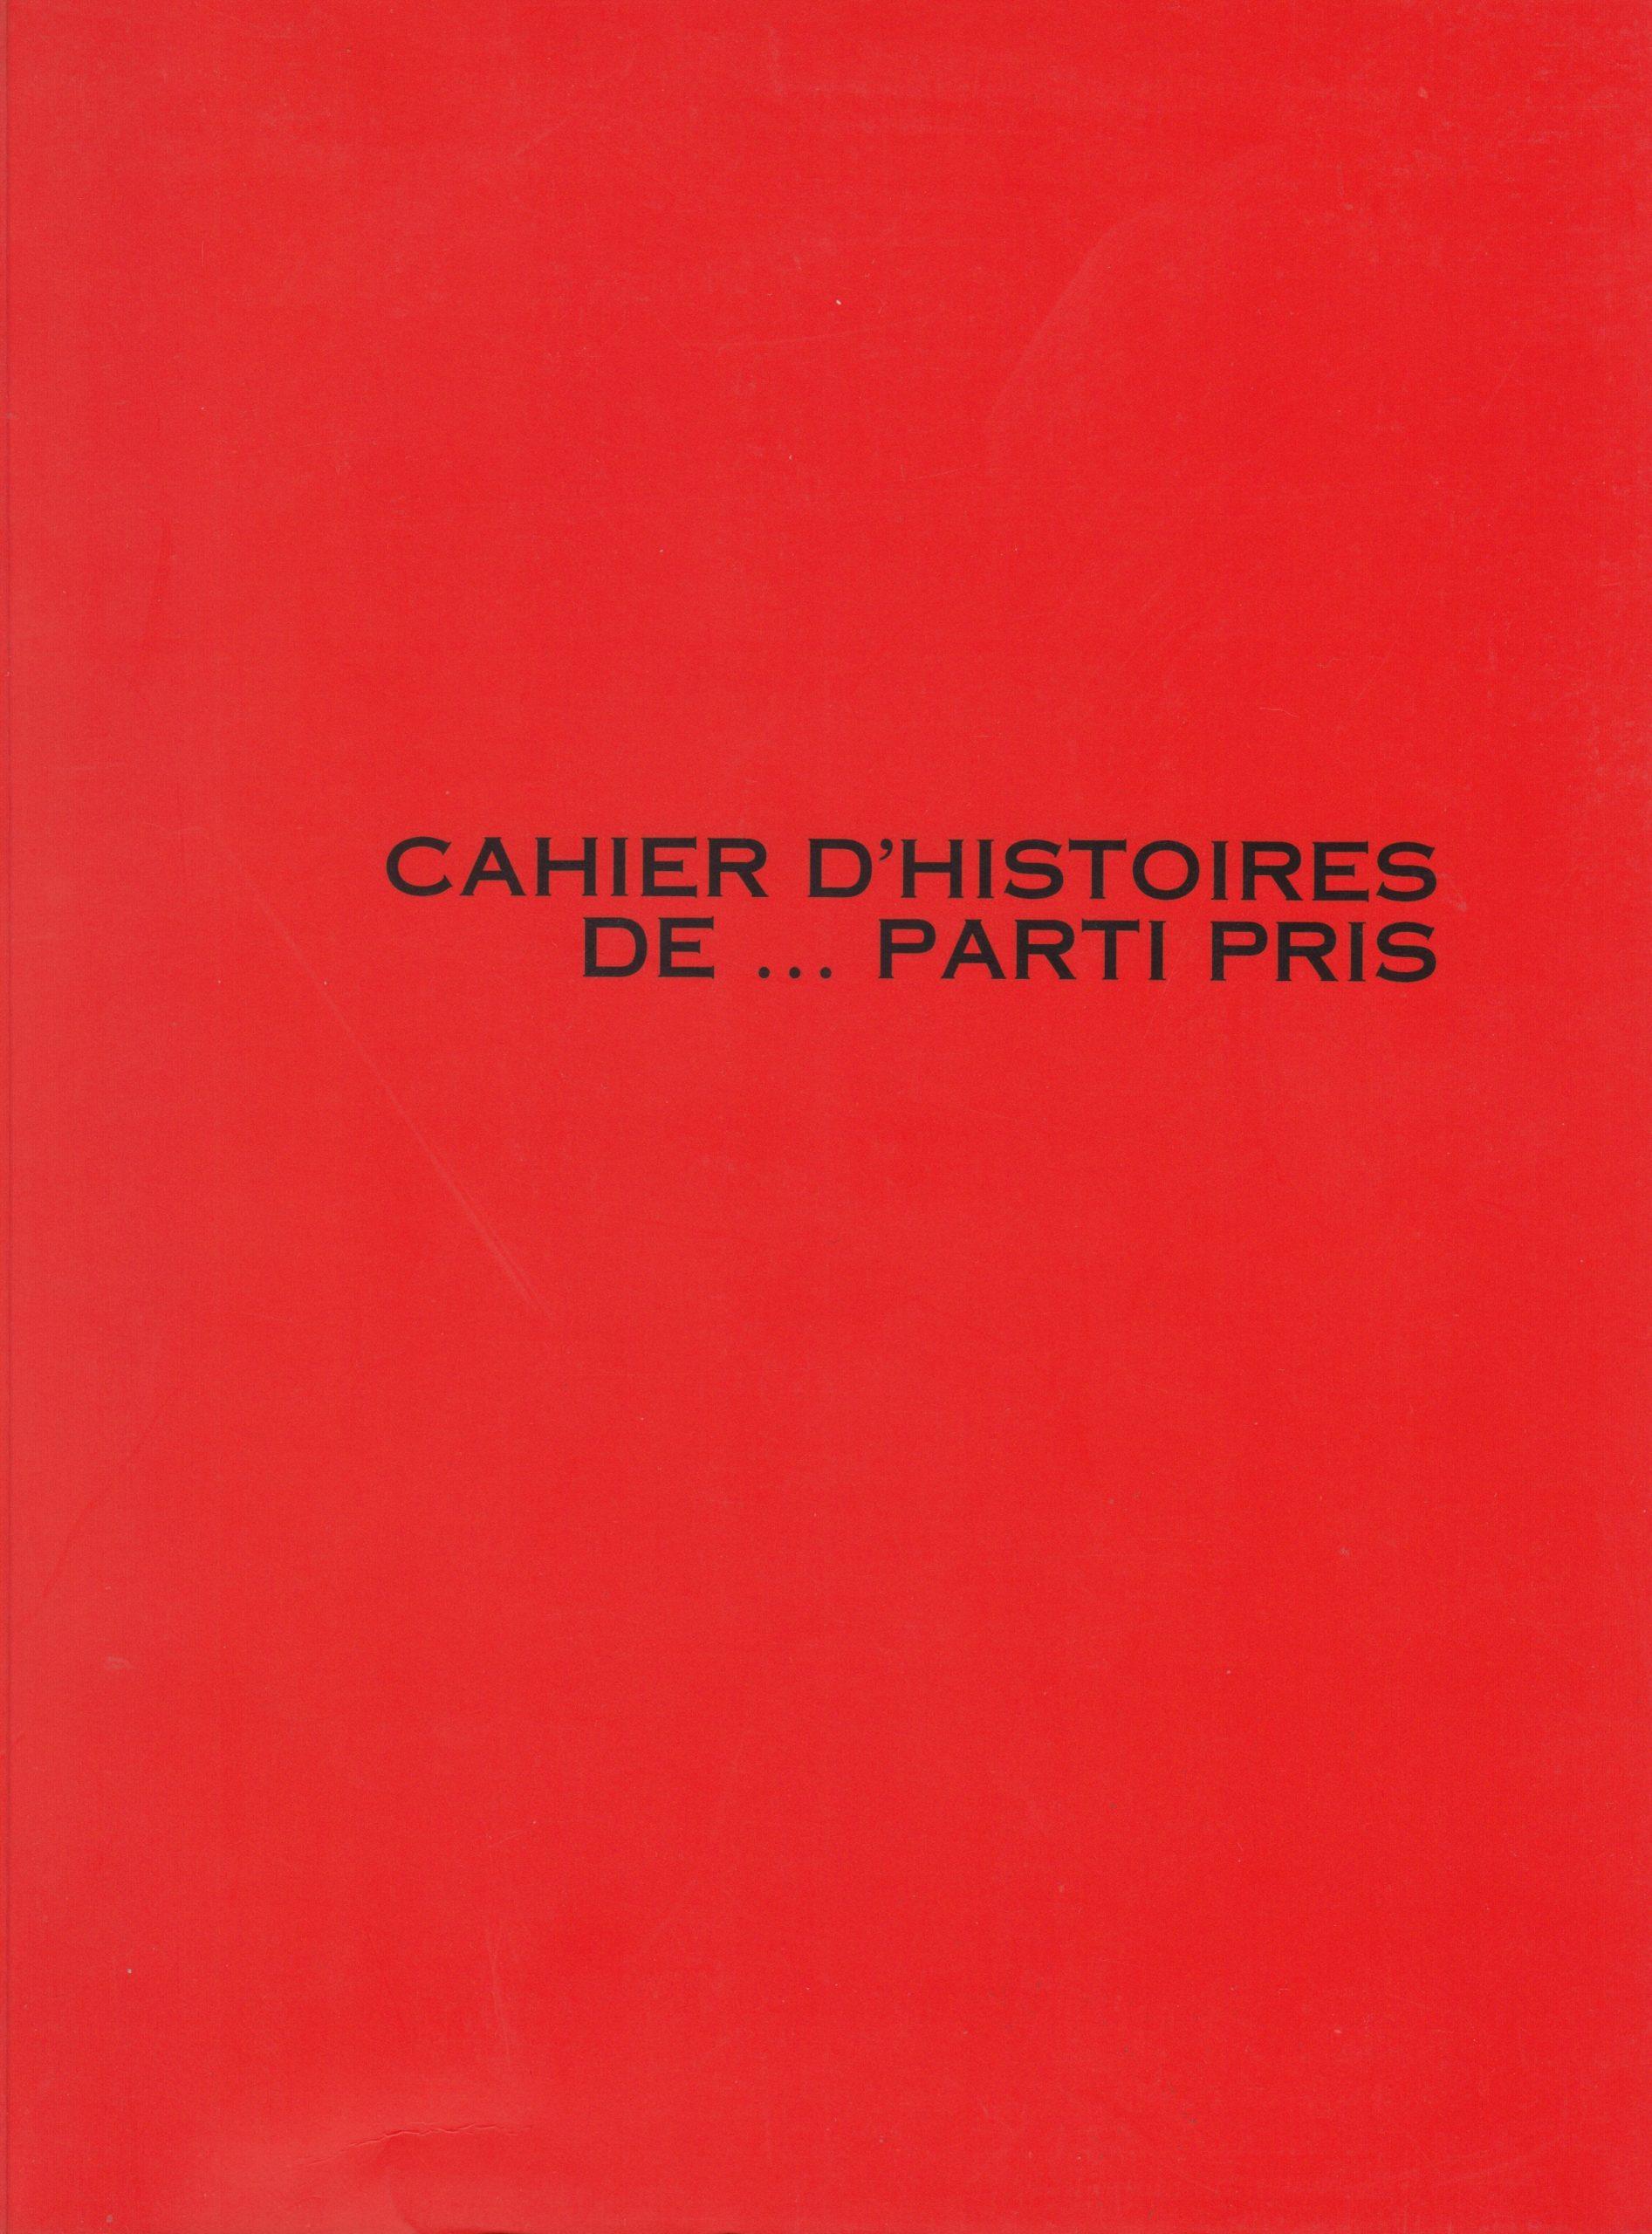 Toute peinture, dans Cahier d'histoires de… parti pris, (dir. Monique Régimbald-Zeiber), 1993